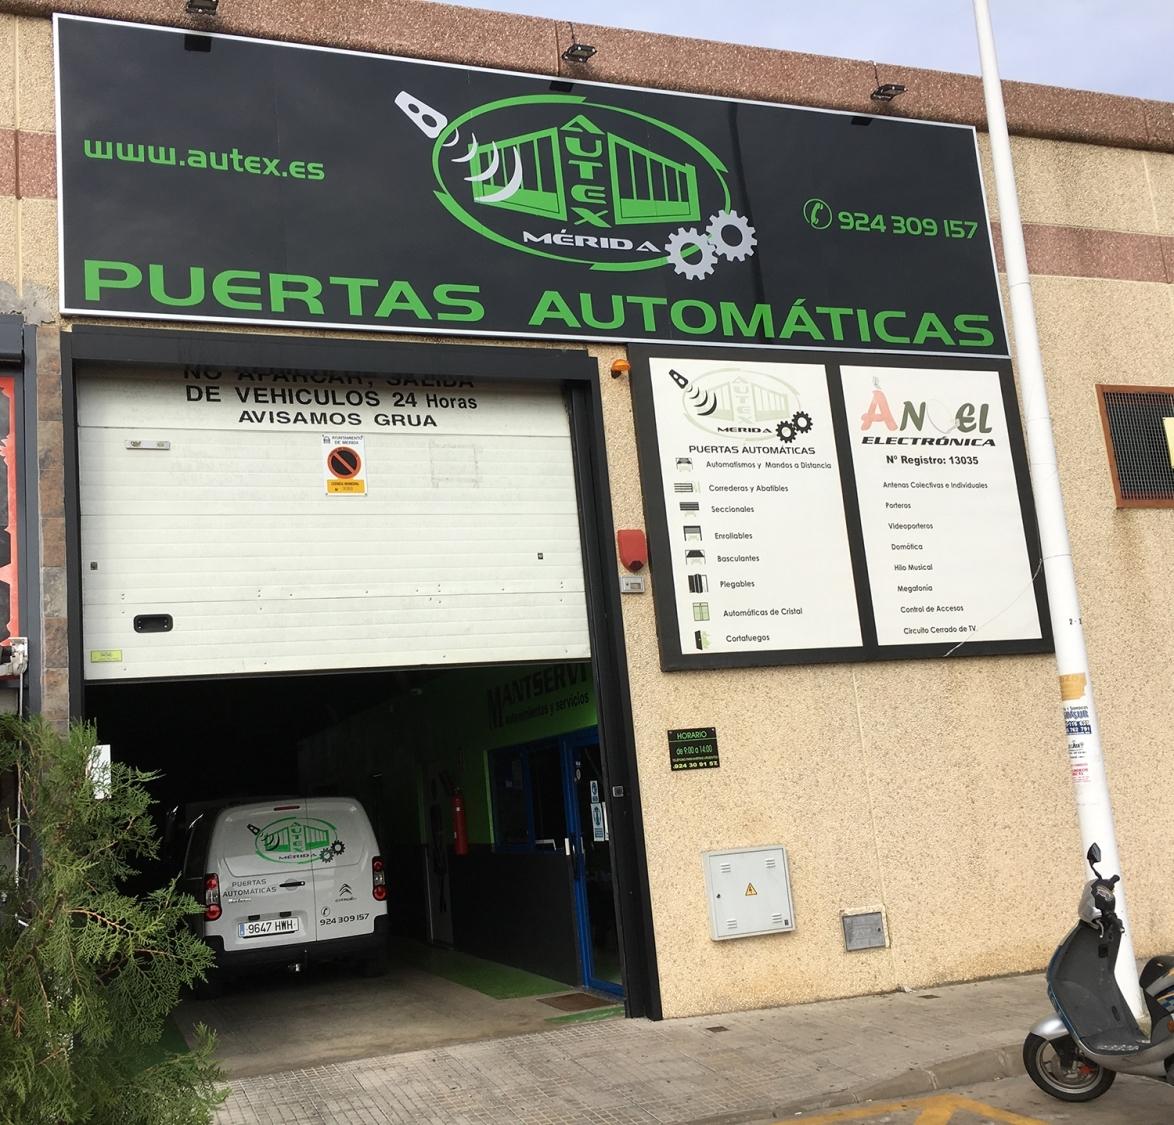 Autex Mérida, Automatismos